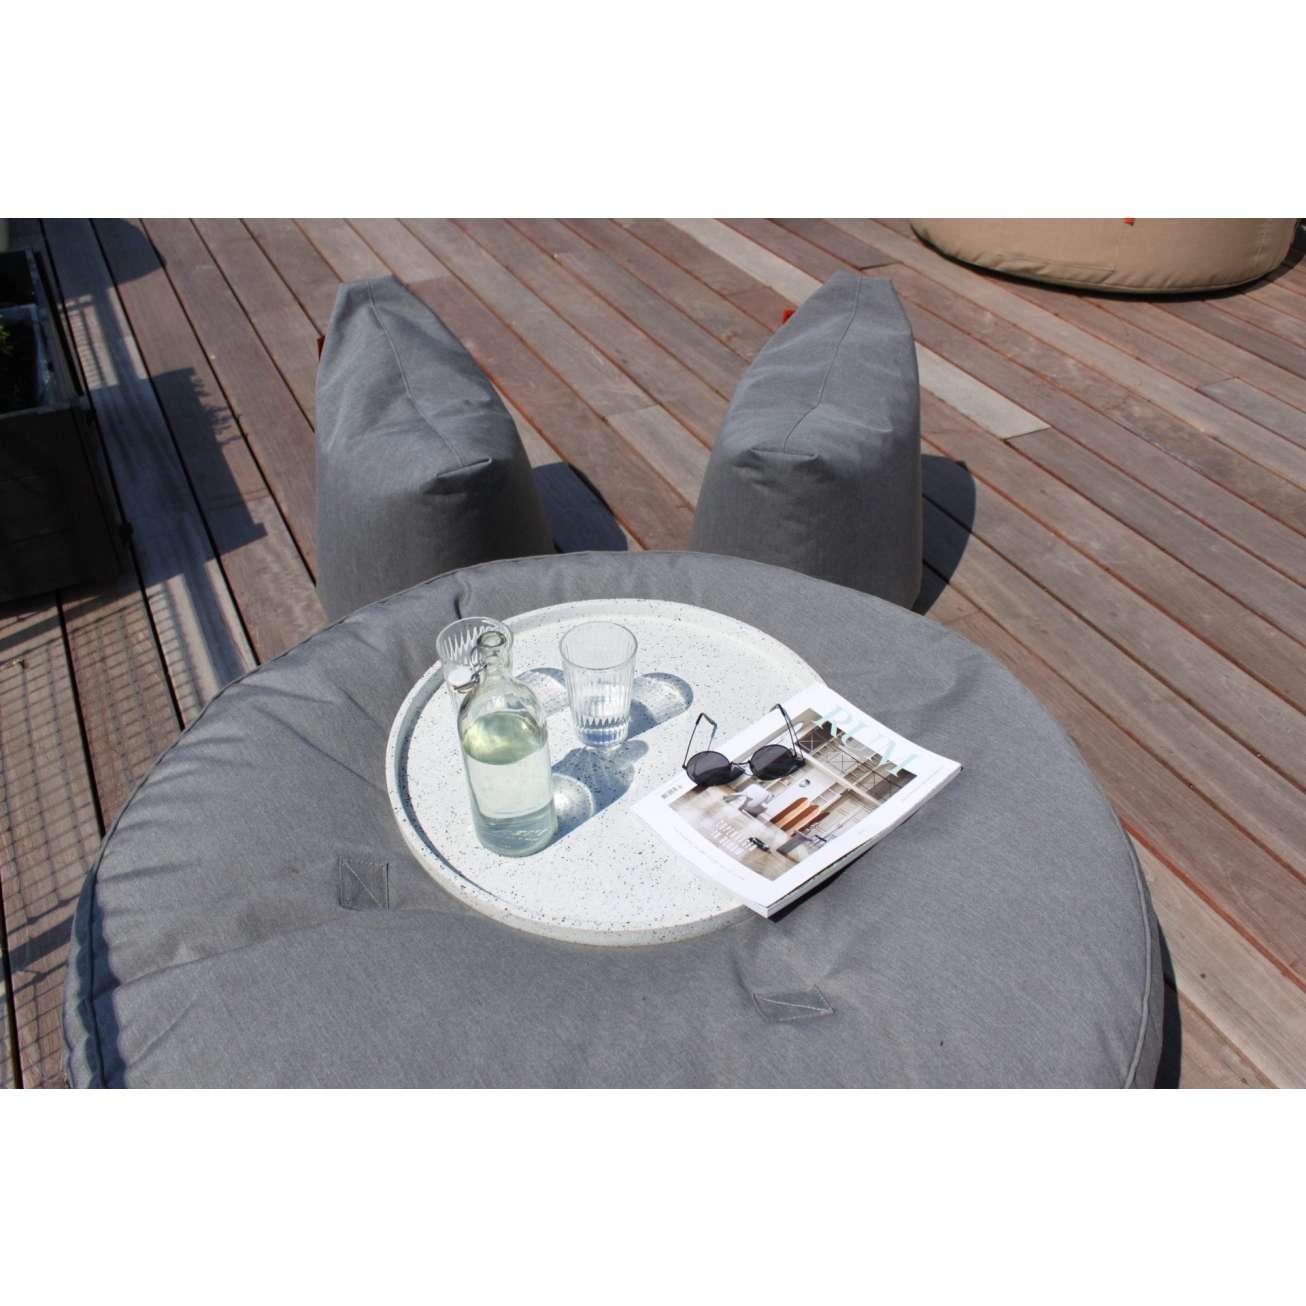 TRIMM Copenhagen satellite chairs i sollys på terrasse